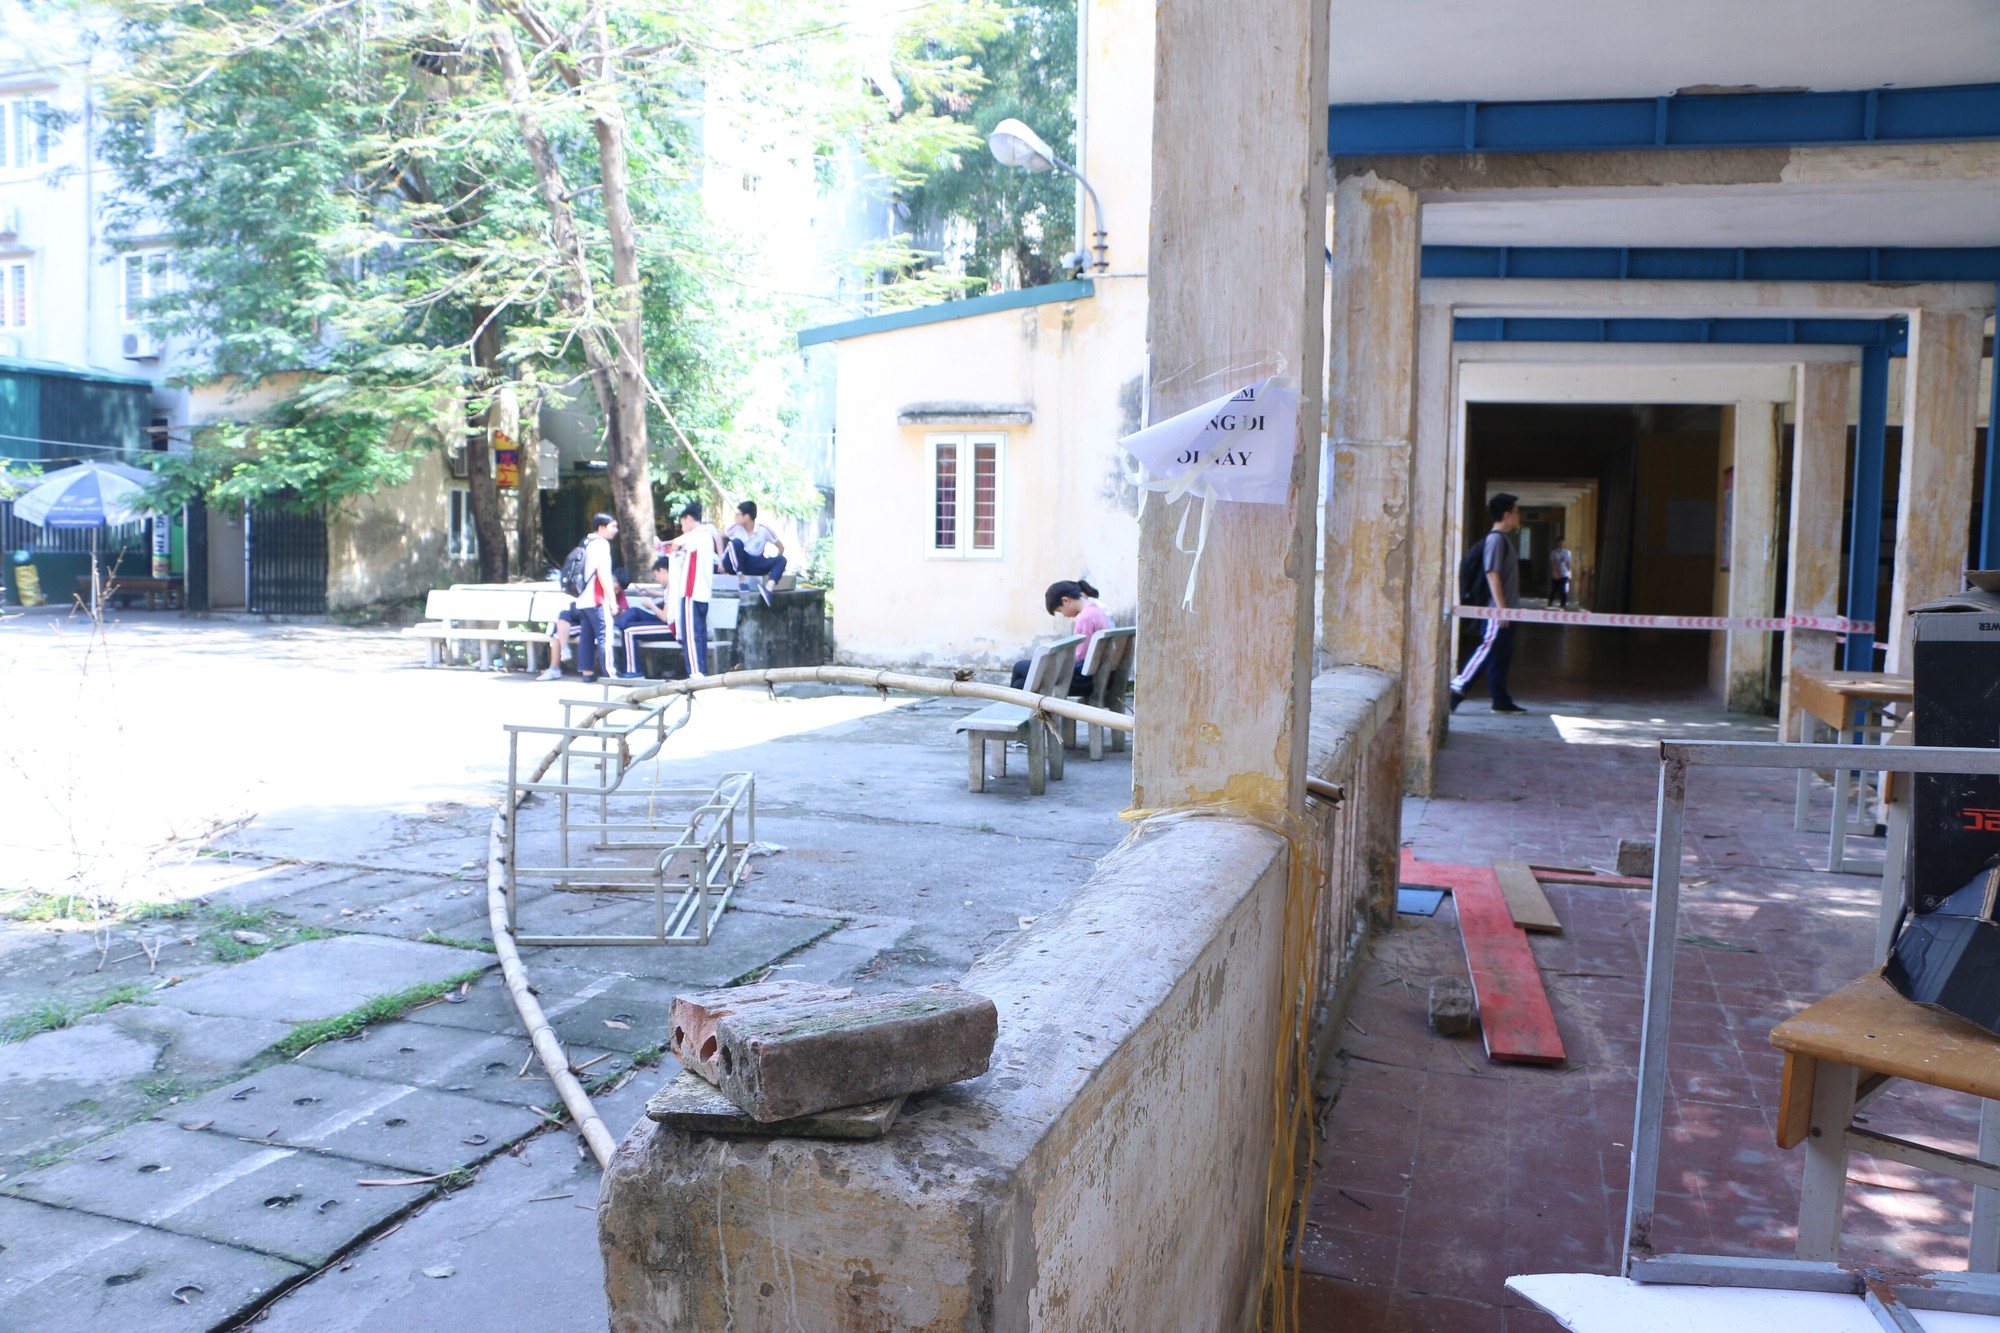 Vữa trần rơi, lan can được rào tạm bằng dây thép gai, ngôi trường cấp 3 giữa Hà Nội có nguy cơ đổ sập  - Ảnh 2.